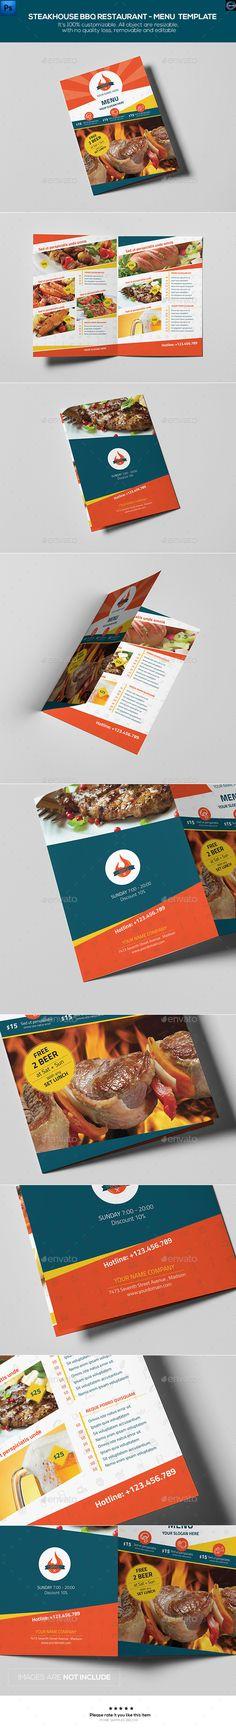 Menus Templates Free Restaurant Menu Vol 22  Menu Templates Menu And Restaurant Menu .